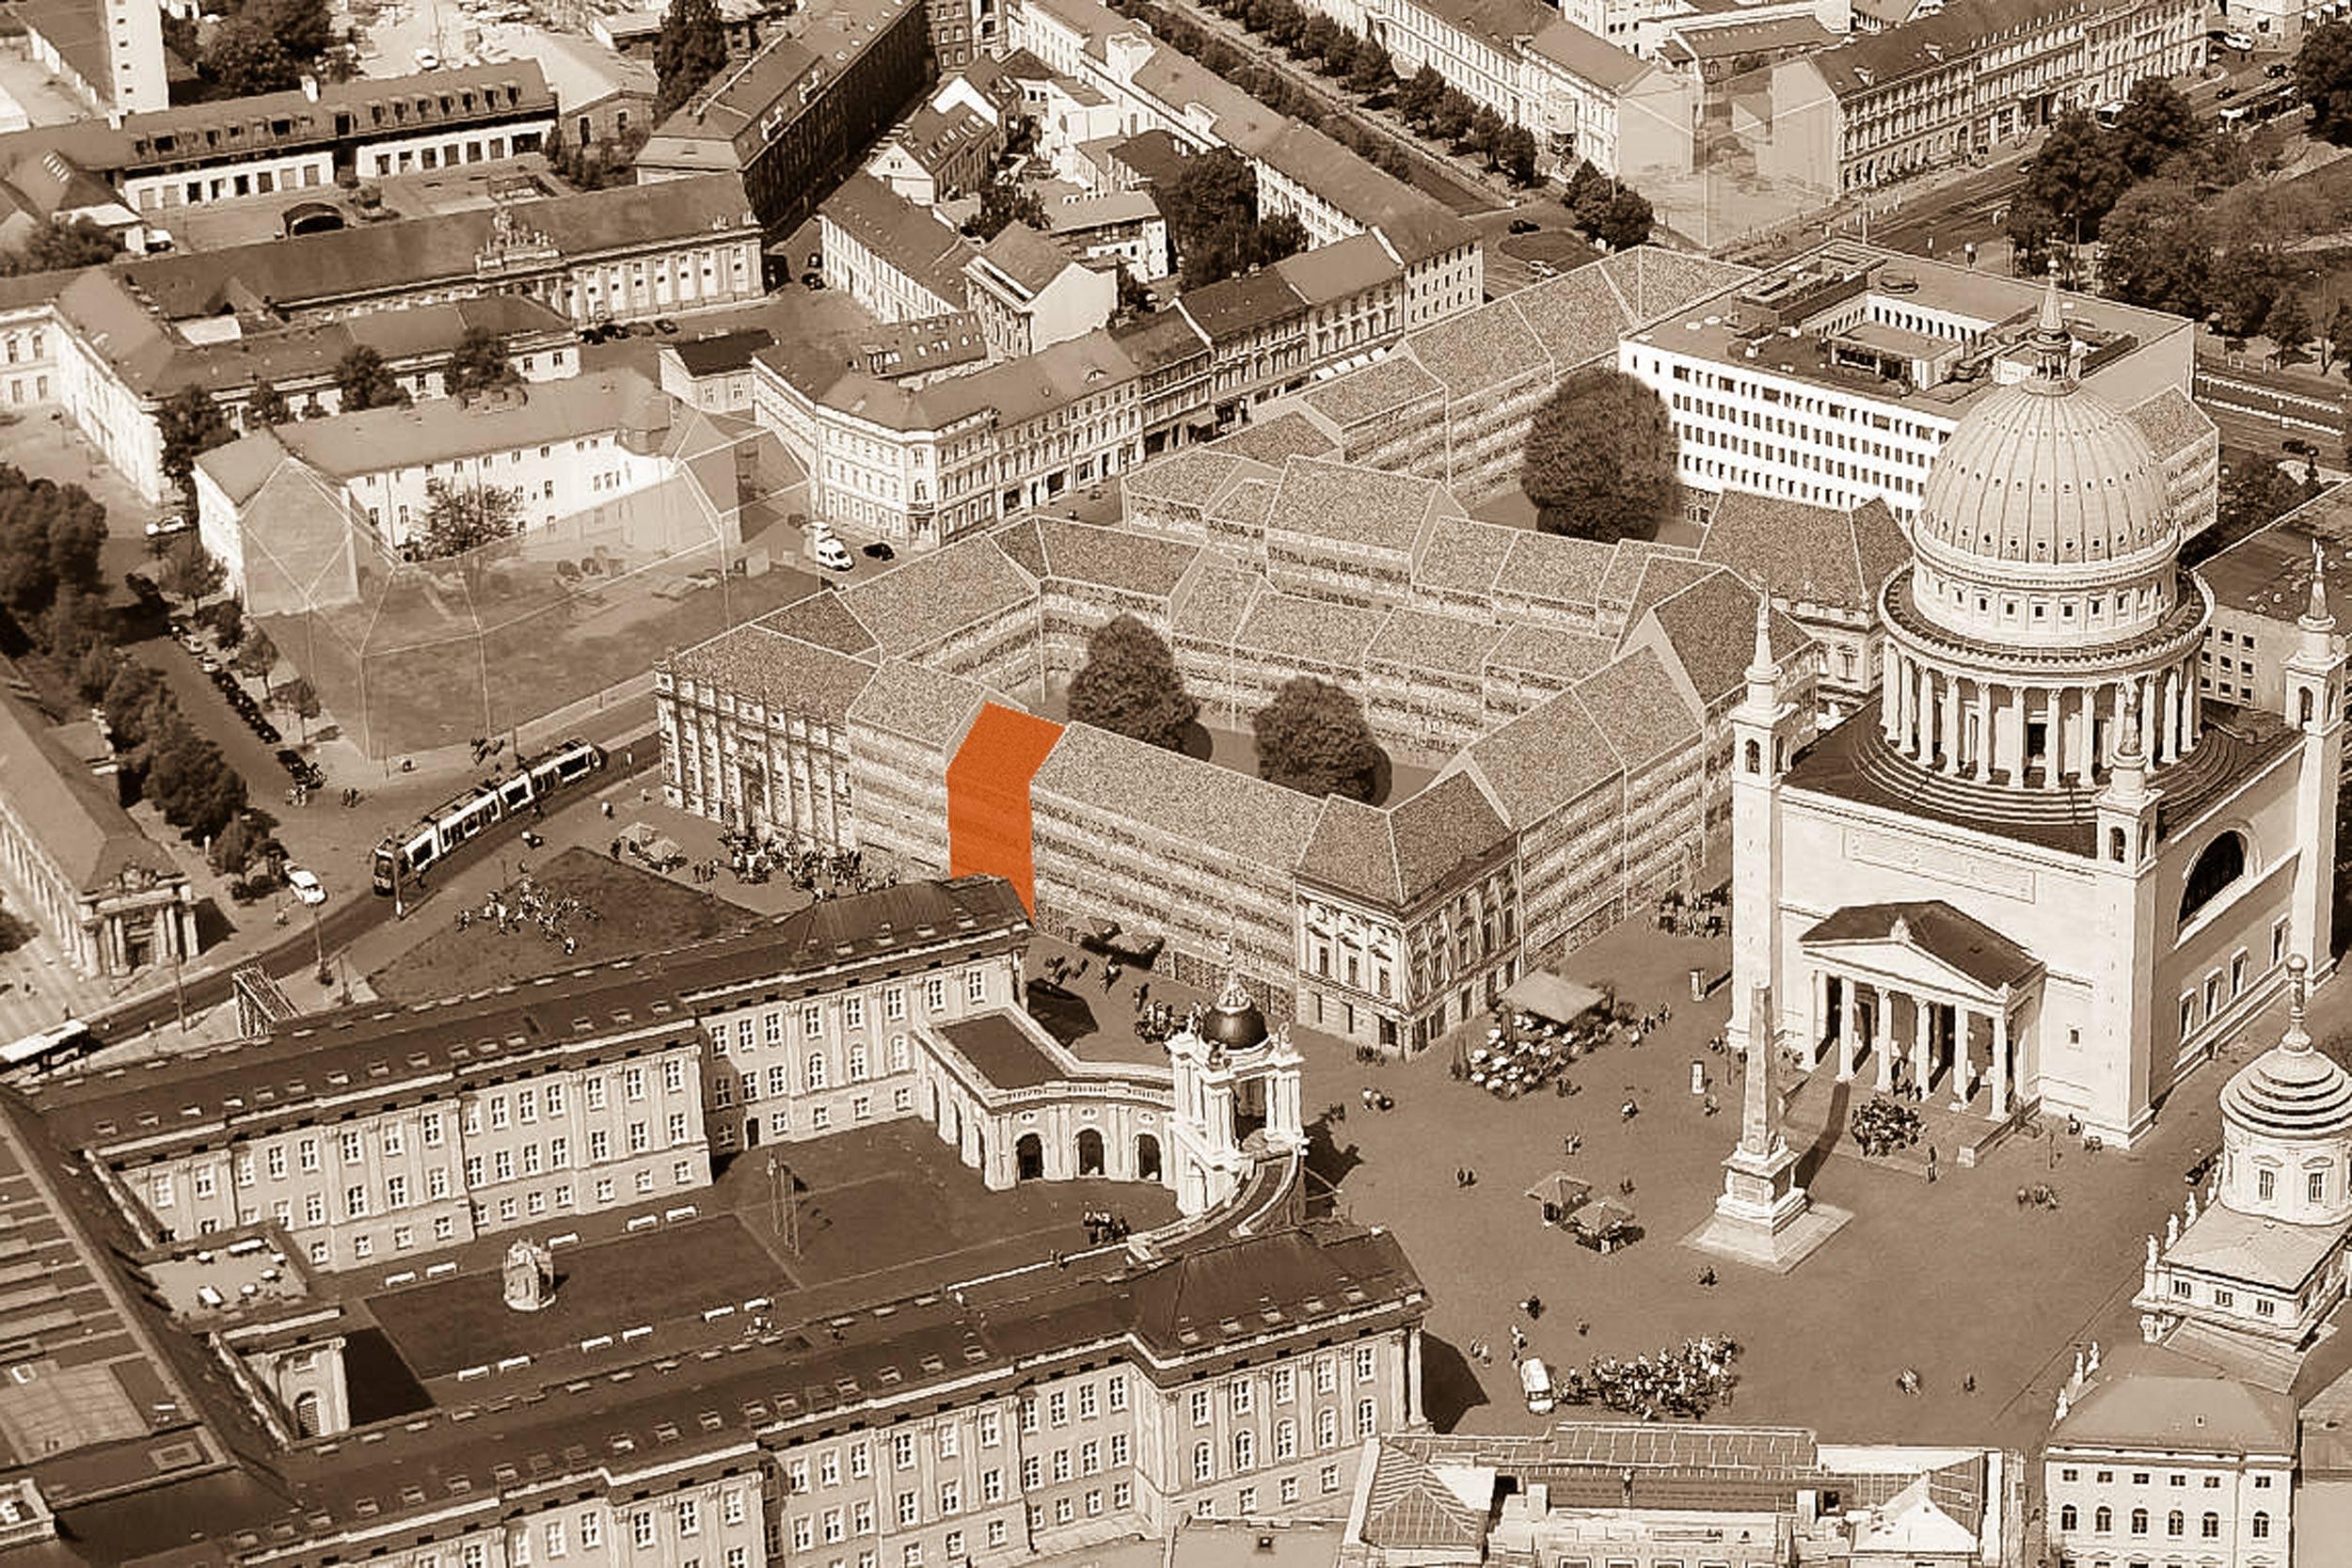 NEUE MITTE POTSDAM – Neubau städtisches Wohnhaus am Steubenplatz - Die Lage des Grundstücks in direkter Nähe zum Stadtschloss, der Nikoleikirche, Potsdamer Rathaus und dem Museum Barberini.